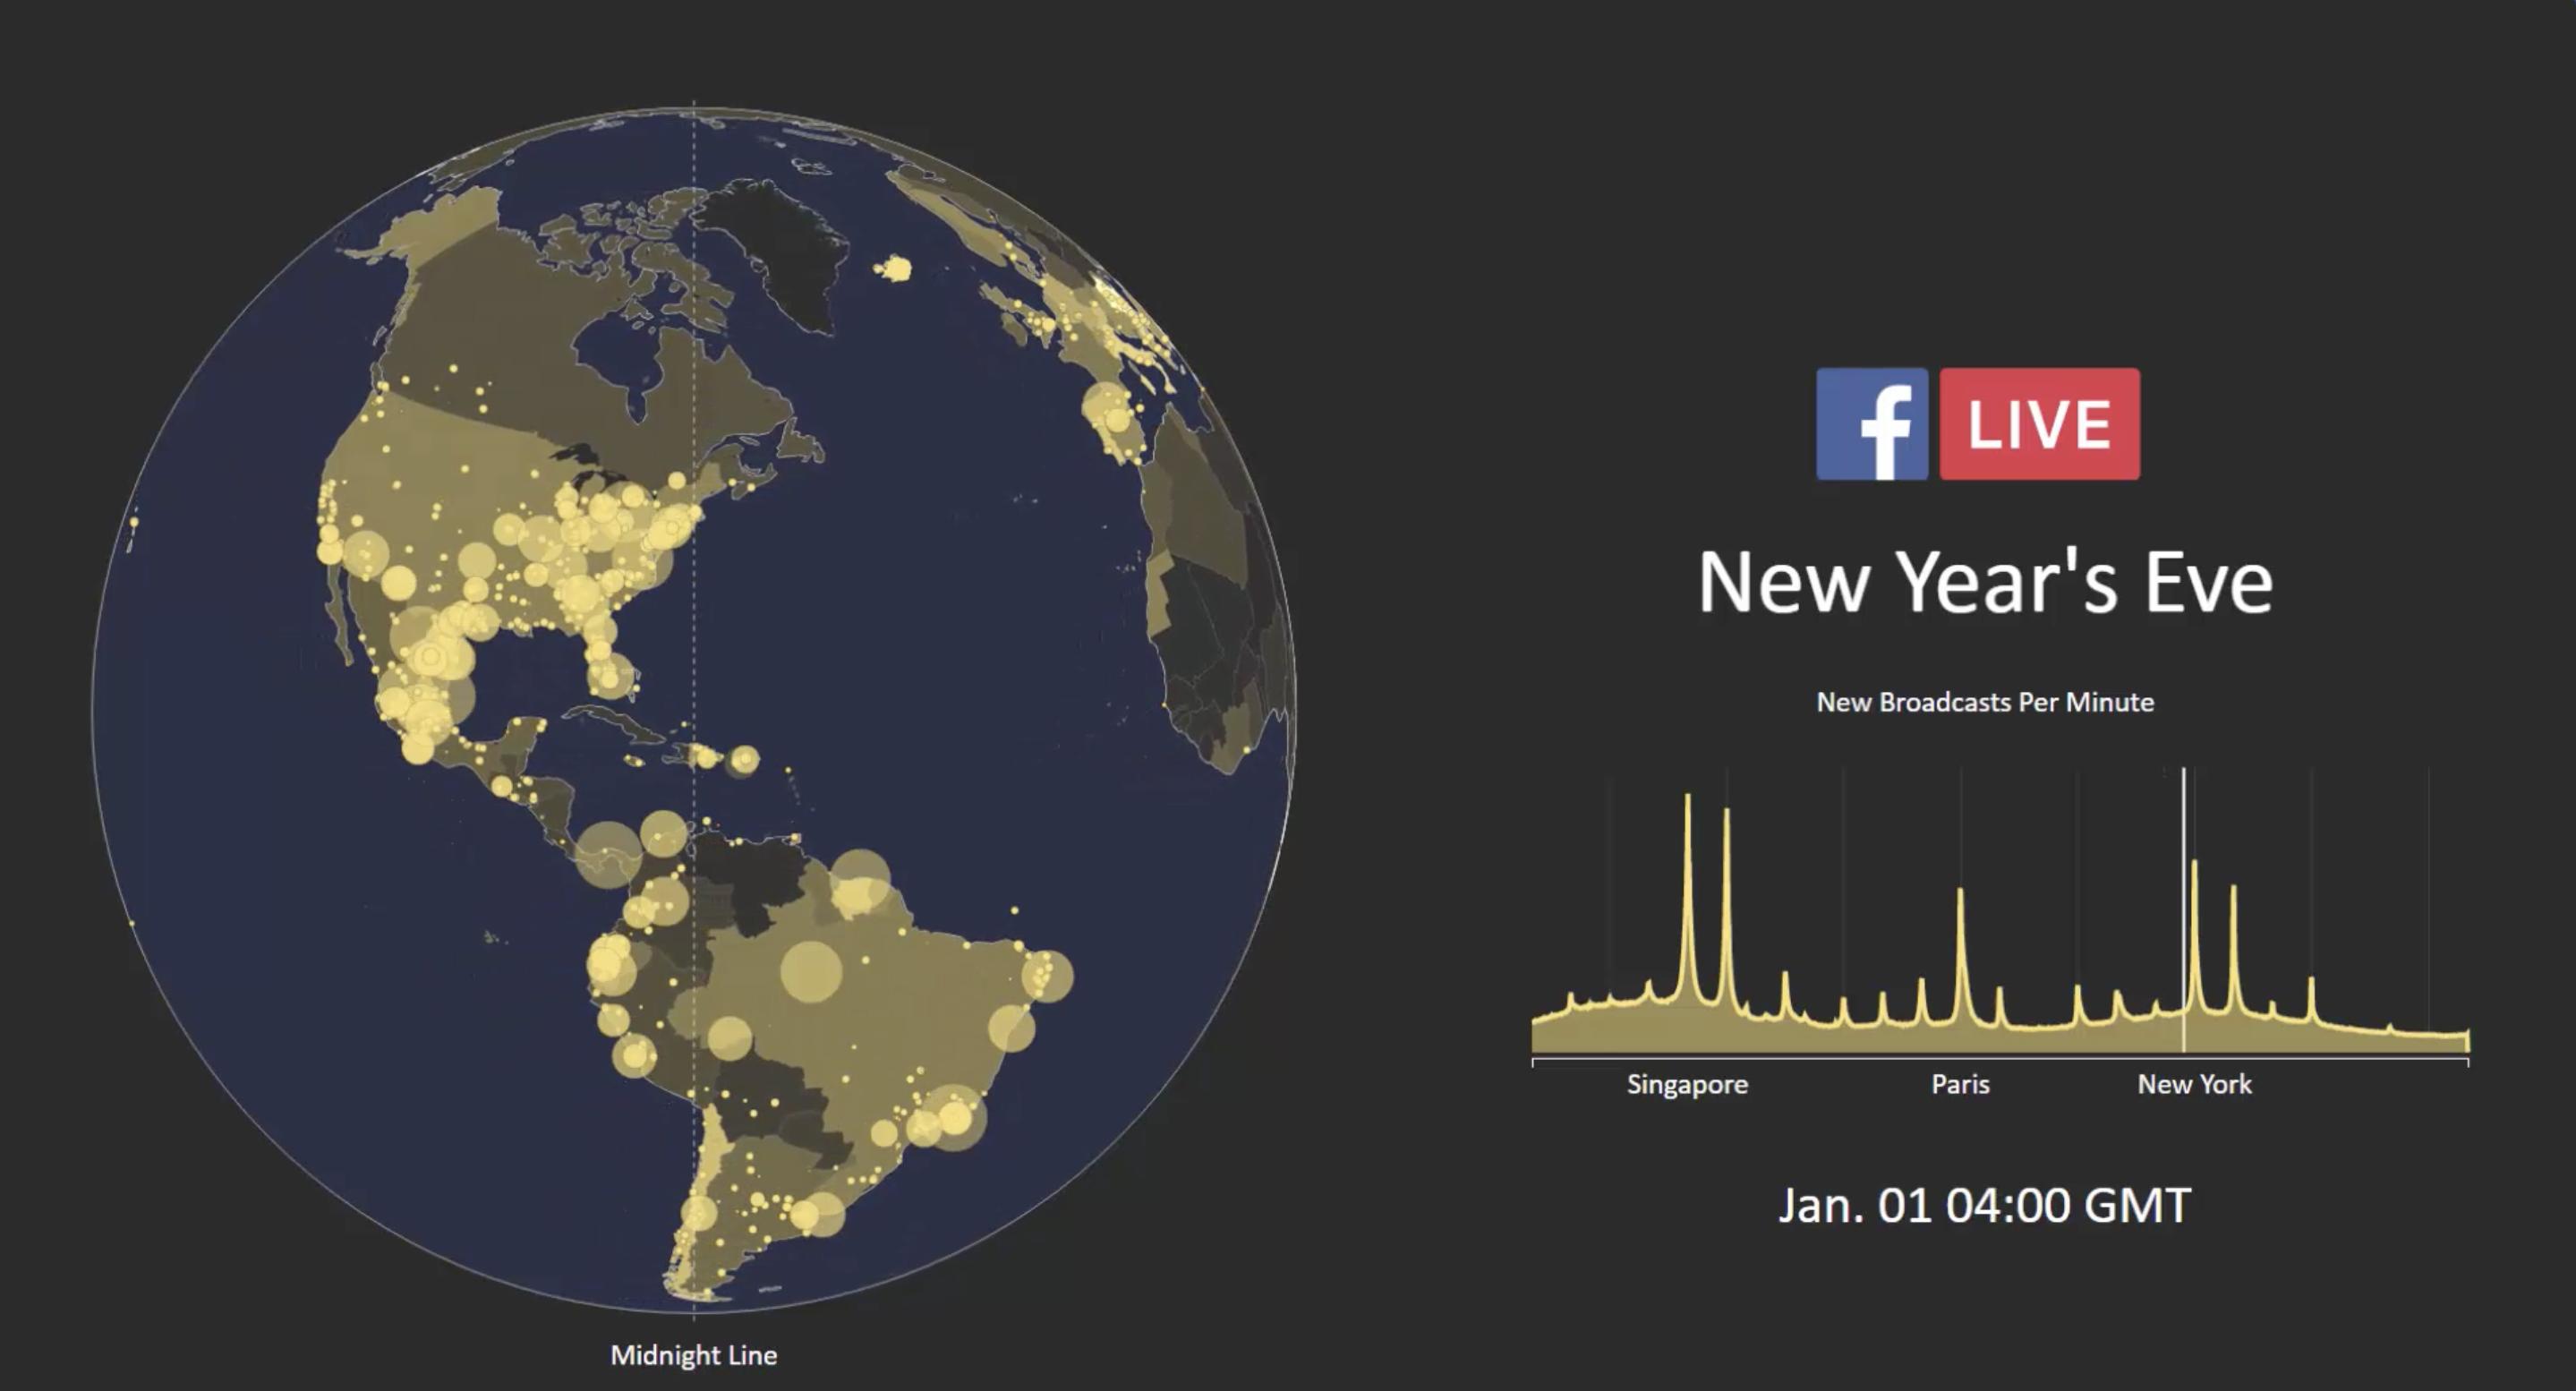 Facebook เผย ช่วงปีใหม่ที่ผ่านมา มีคน ไลฟ์ผ่านเฟซบุ๊ก กว่า 10ล้านคน